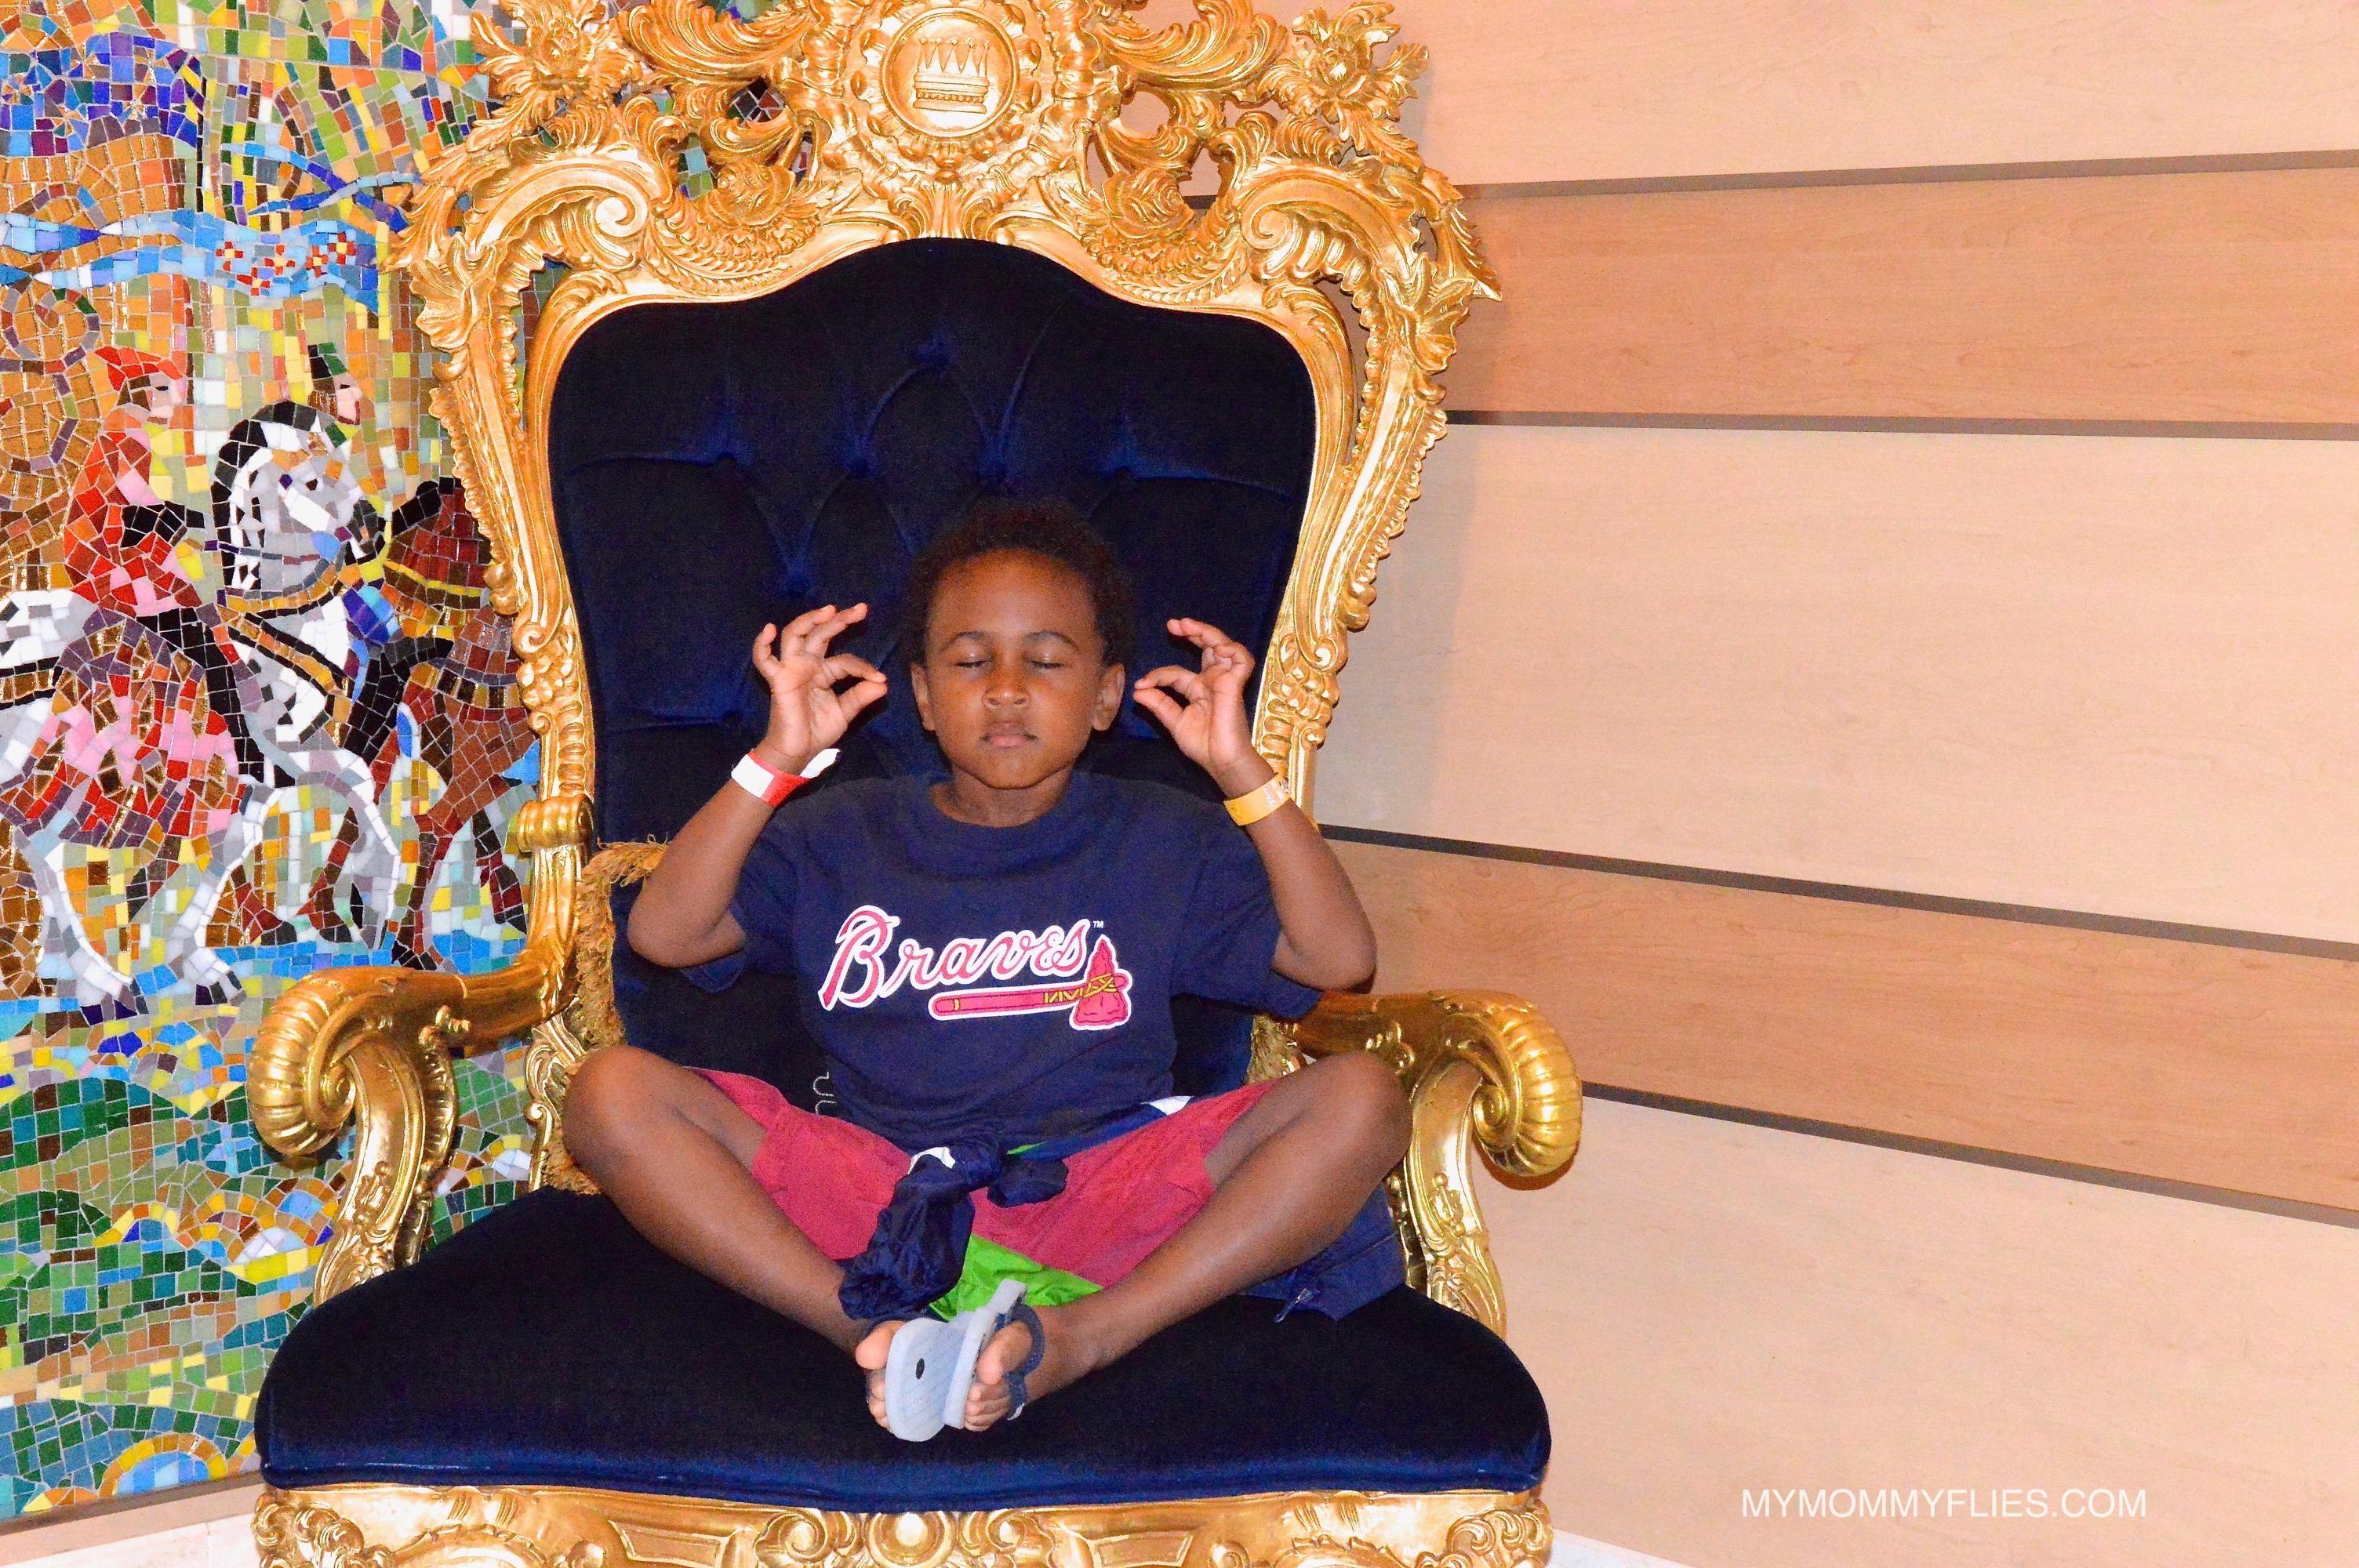 Disney_Cruise_Line_Concierge_Stateroom